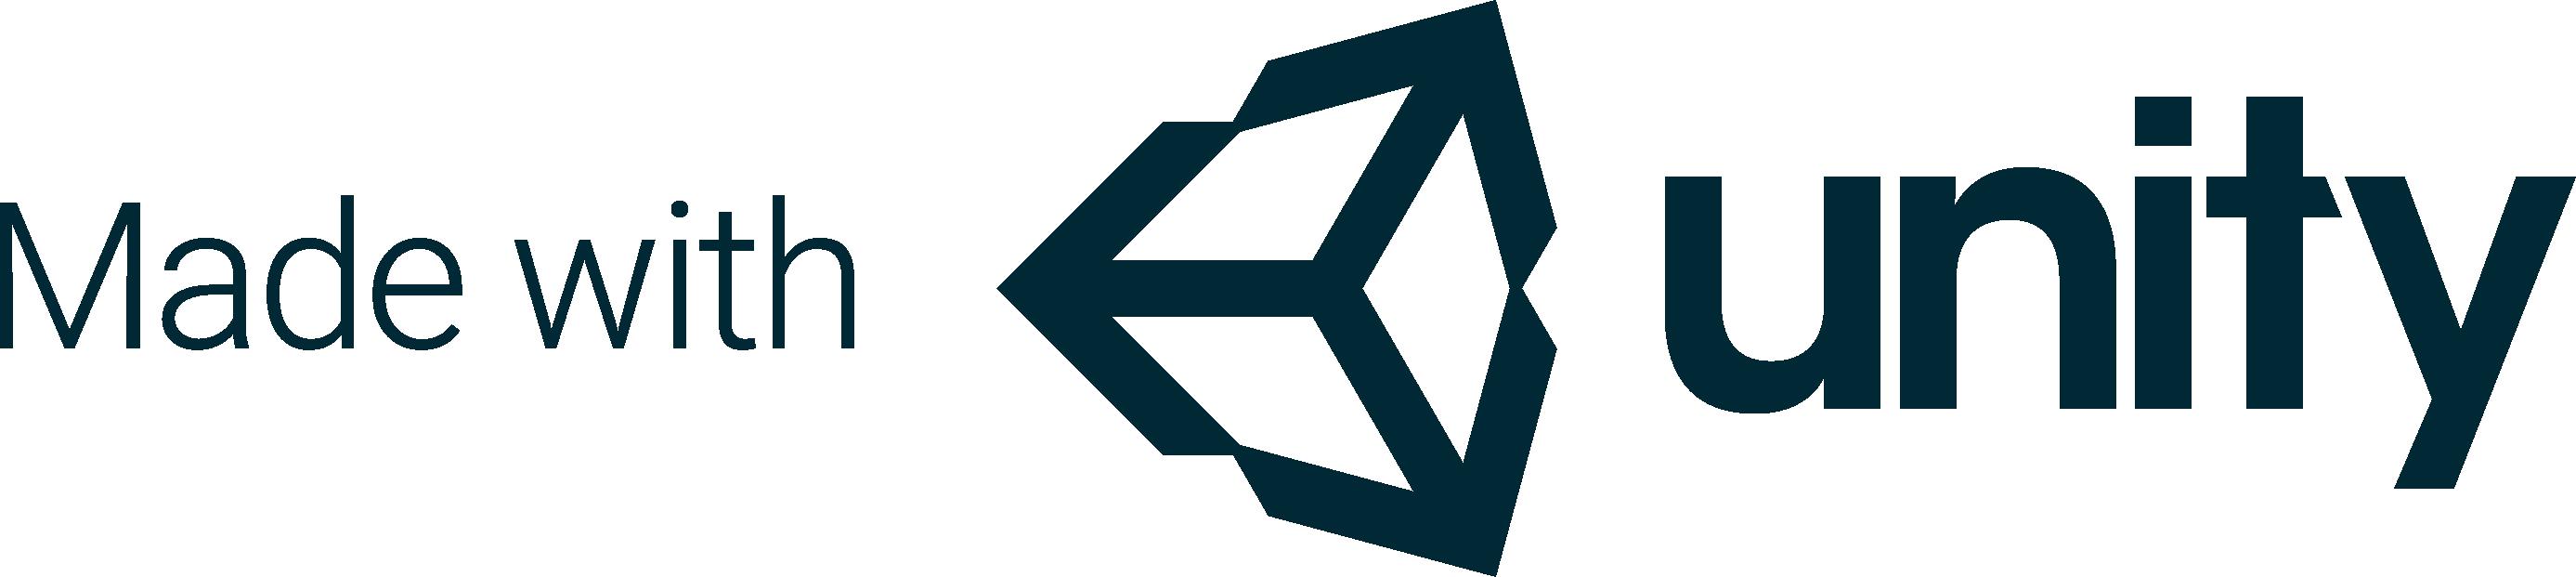 mwu-logo-rgb